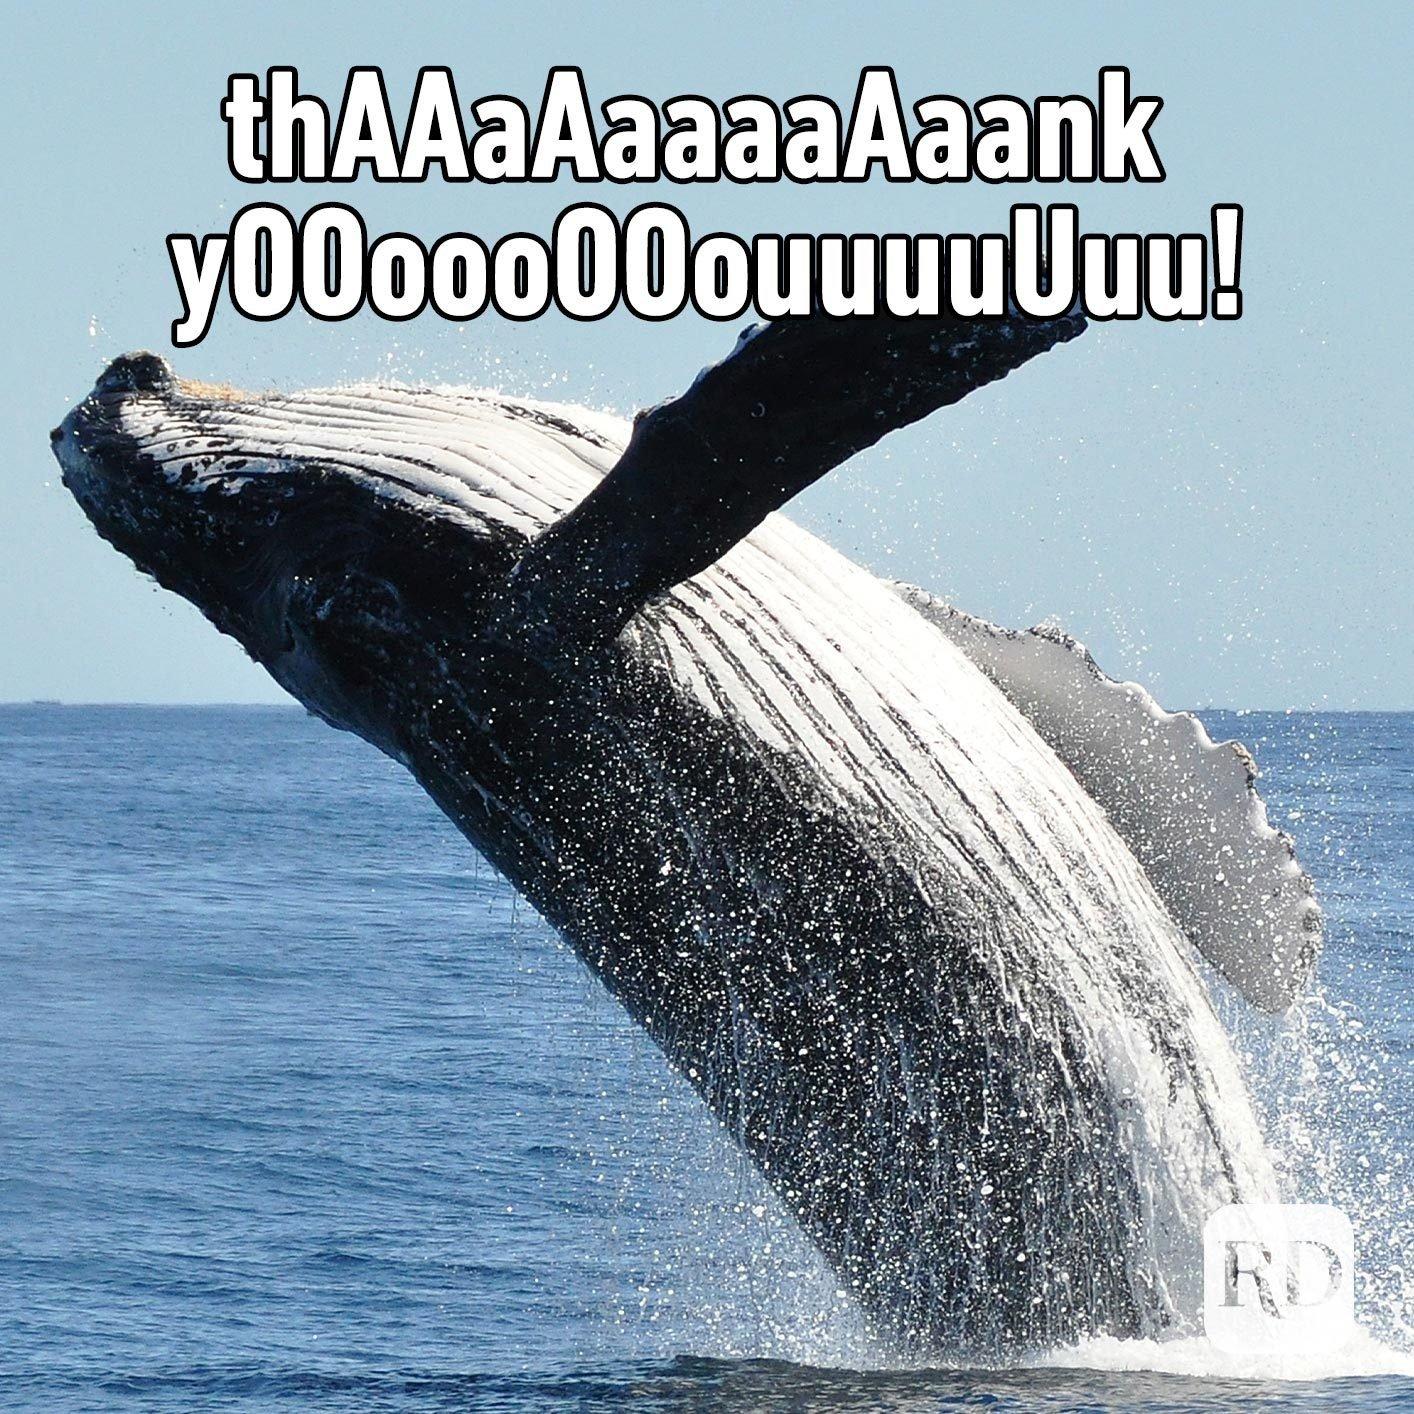 Whale. Meme text: thAAaAaaaaAaank yOOoooOOouuuuUuu!